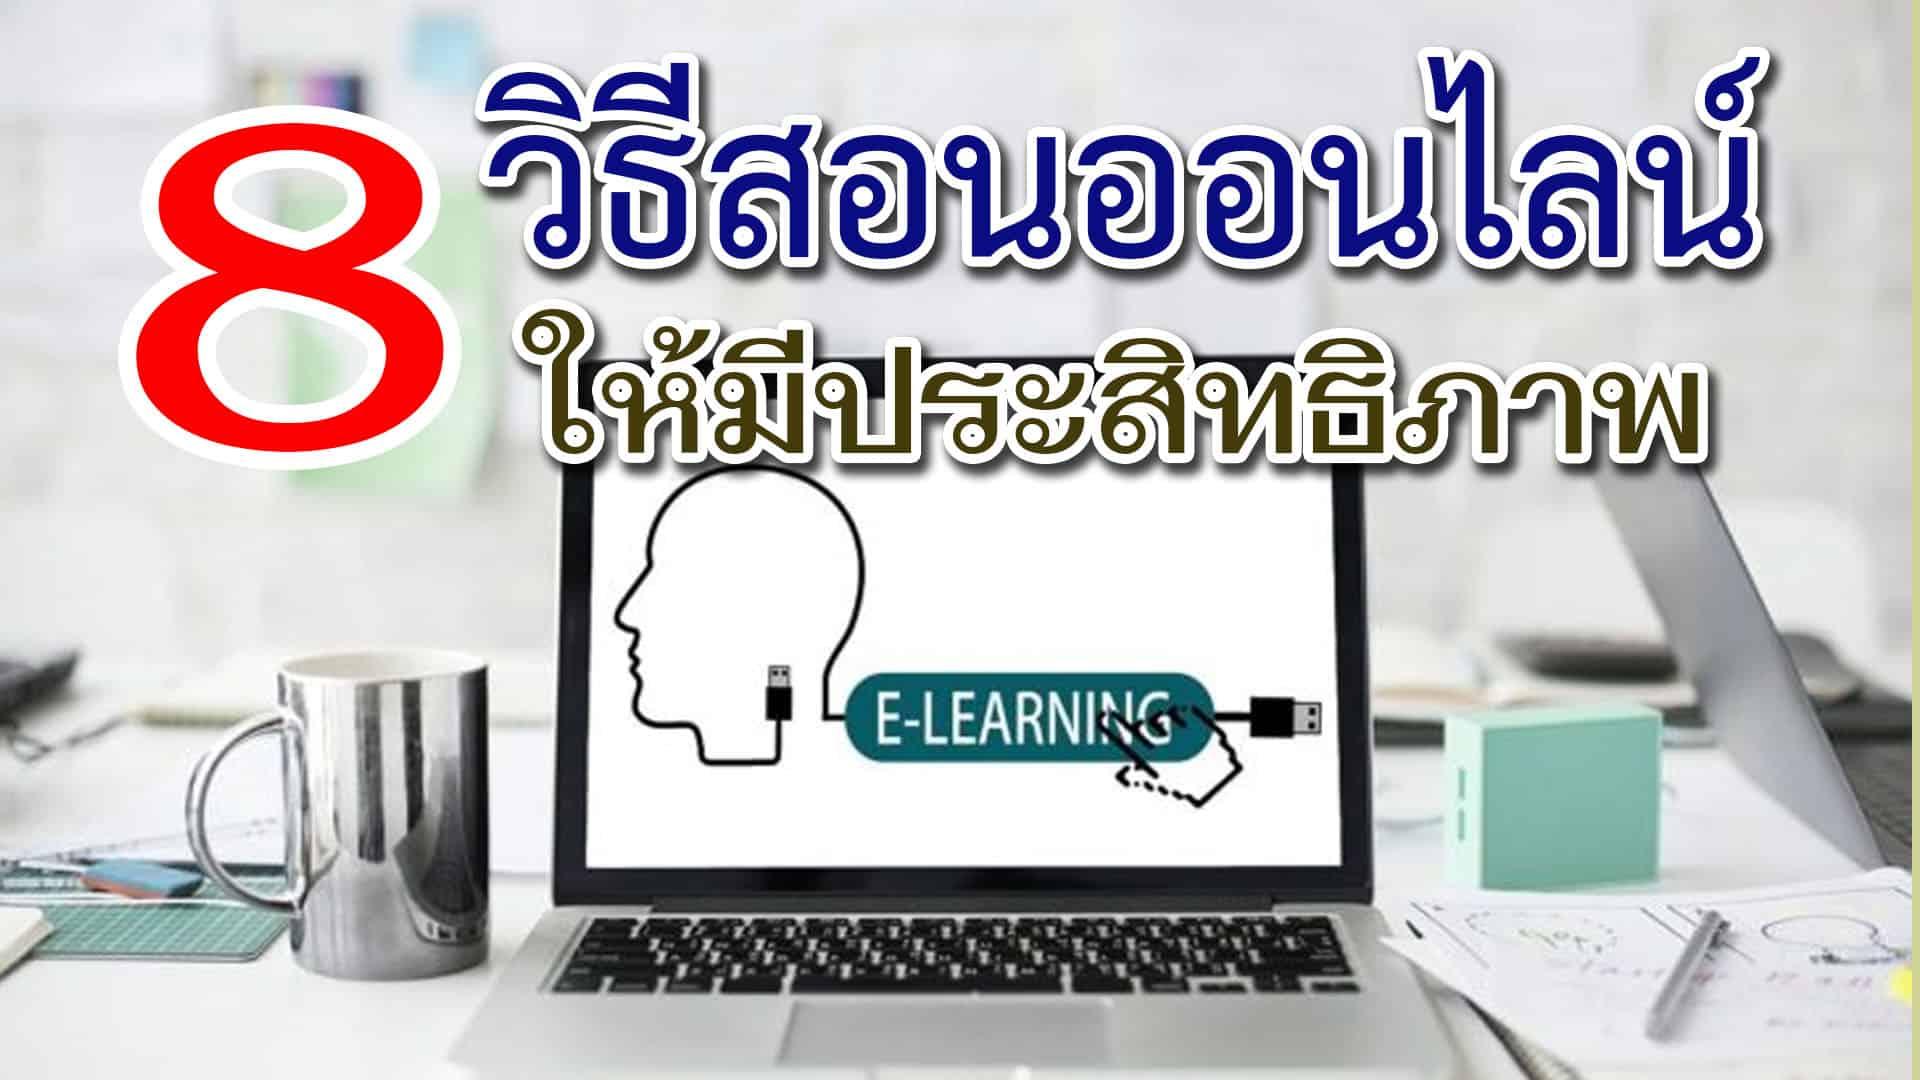 8 วิธีสอนออนไลน์ให้มีประสิทธิภาพและผลสัมฤทธิ์ที่ดี